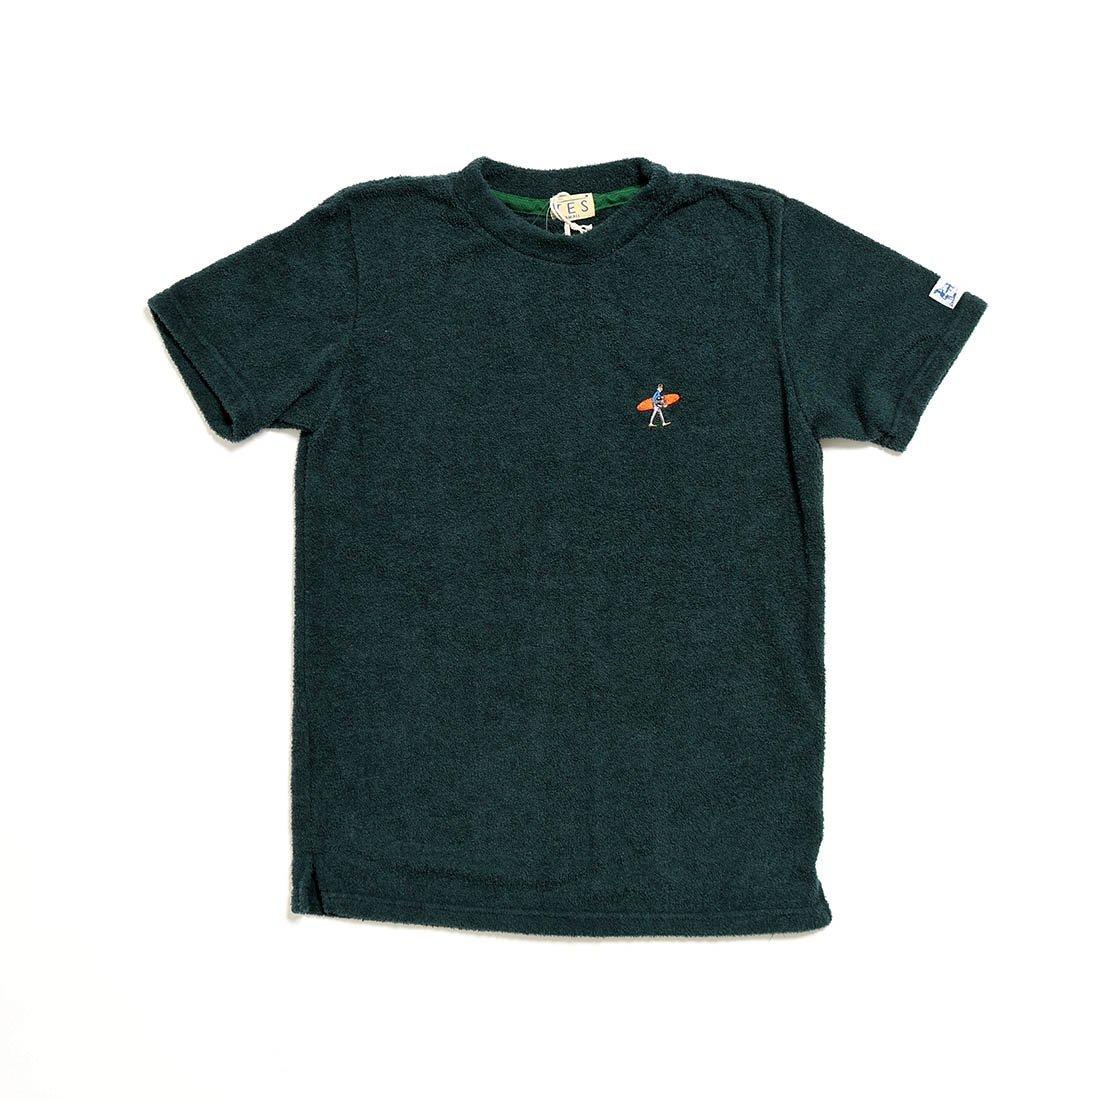 (エンドレスサマー) The Endless Summer パイルTシャツ [TR-8574335] B07CYNH8B7 S|50 D.GREEN 50 D.GREEN S